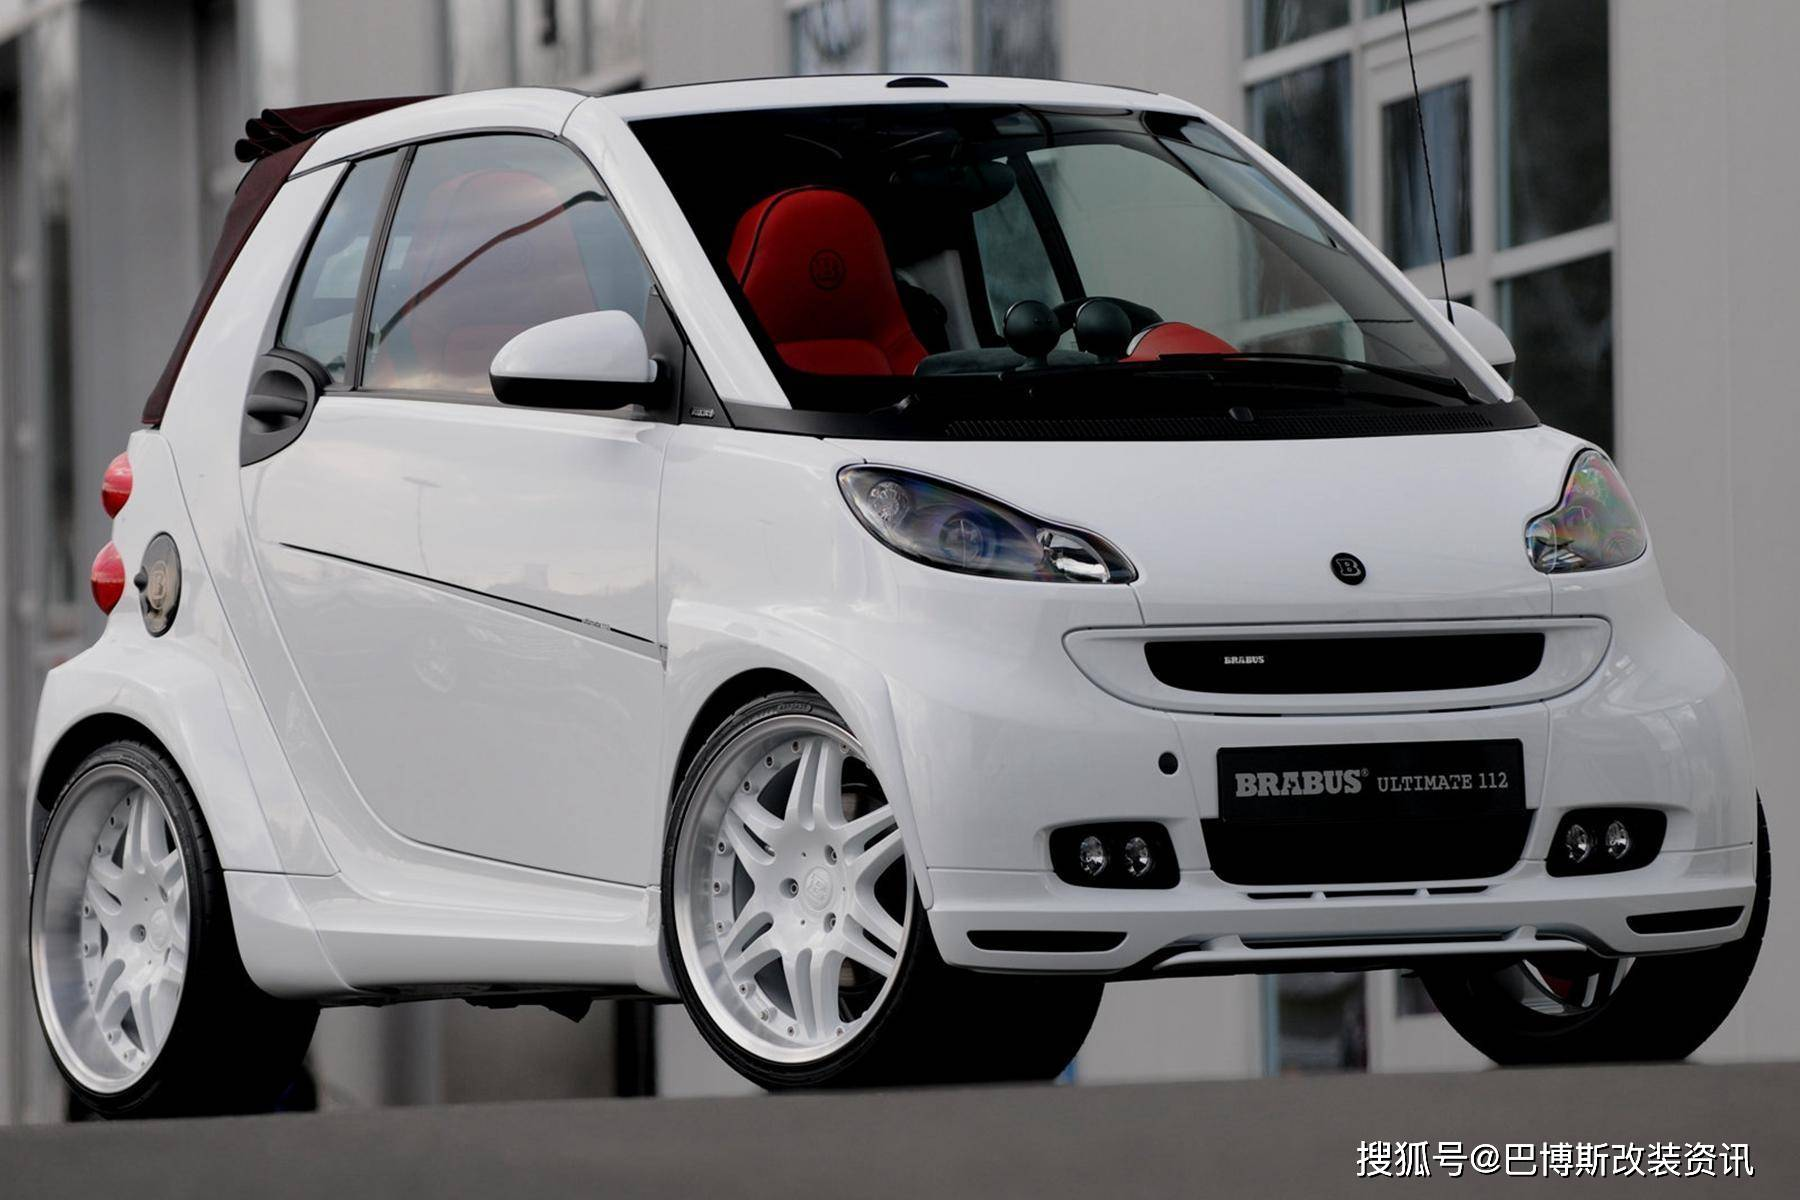 Brabus版的Smart 112外观更加动感,内饰充满赛车气息